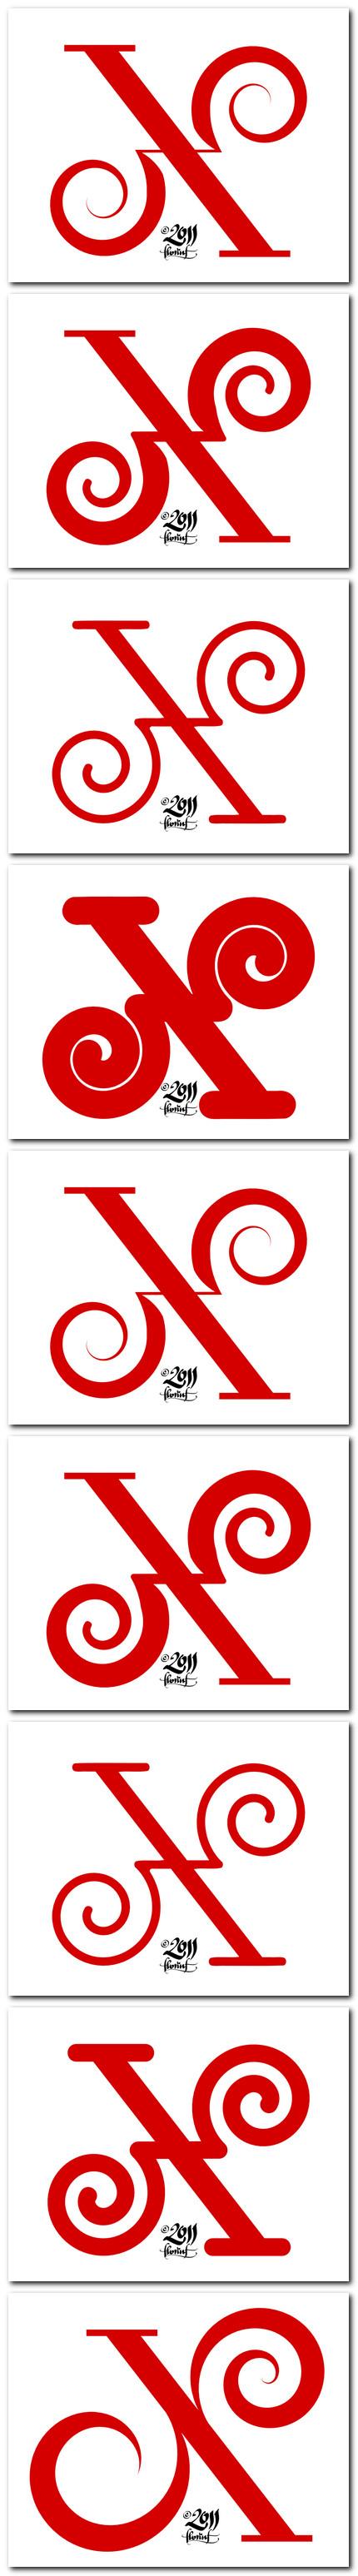 lettercult X de florinf - rosii